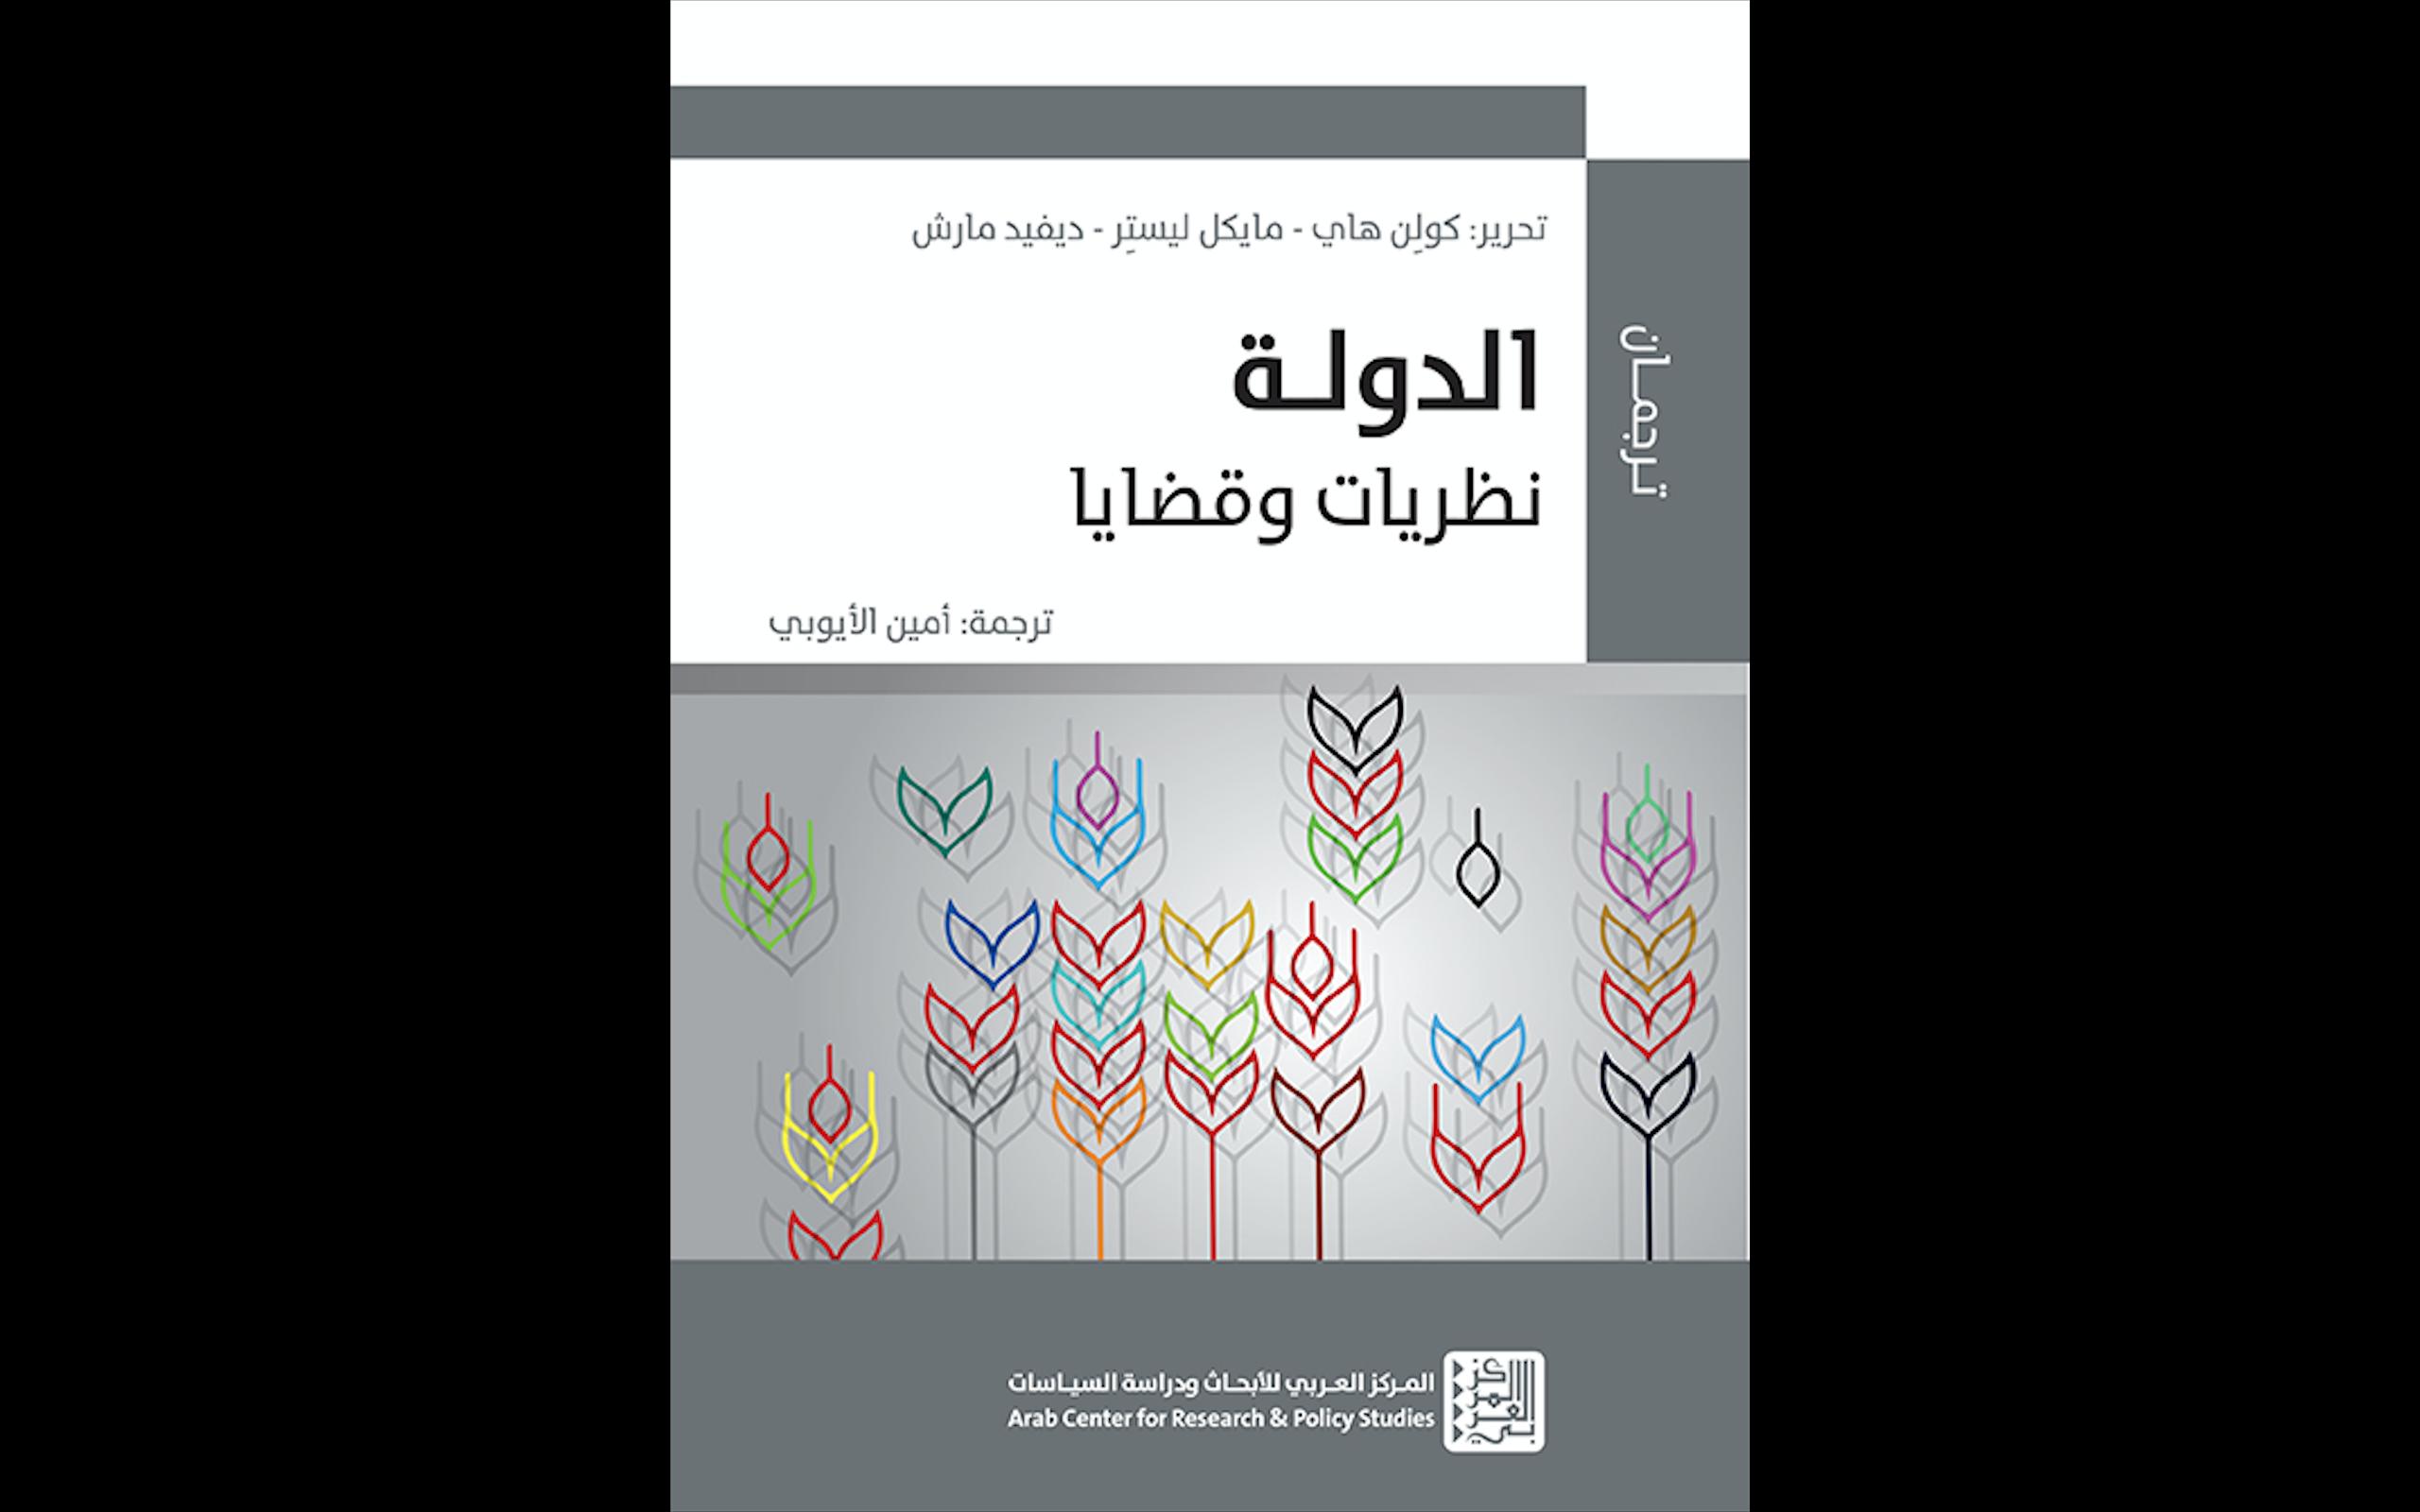 جديد: «الدولة: نظريات وقضايا»